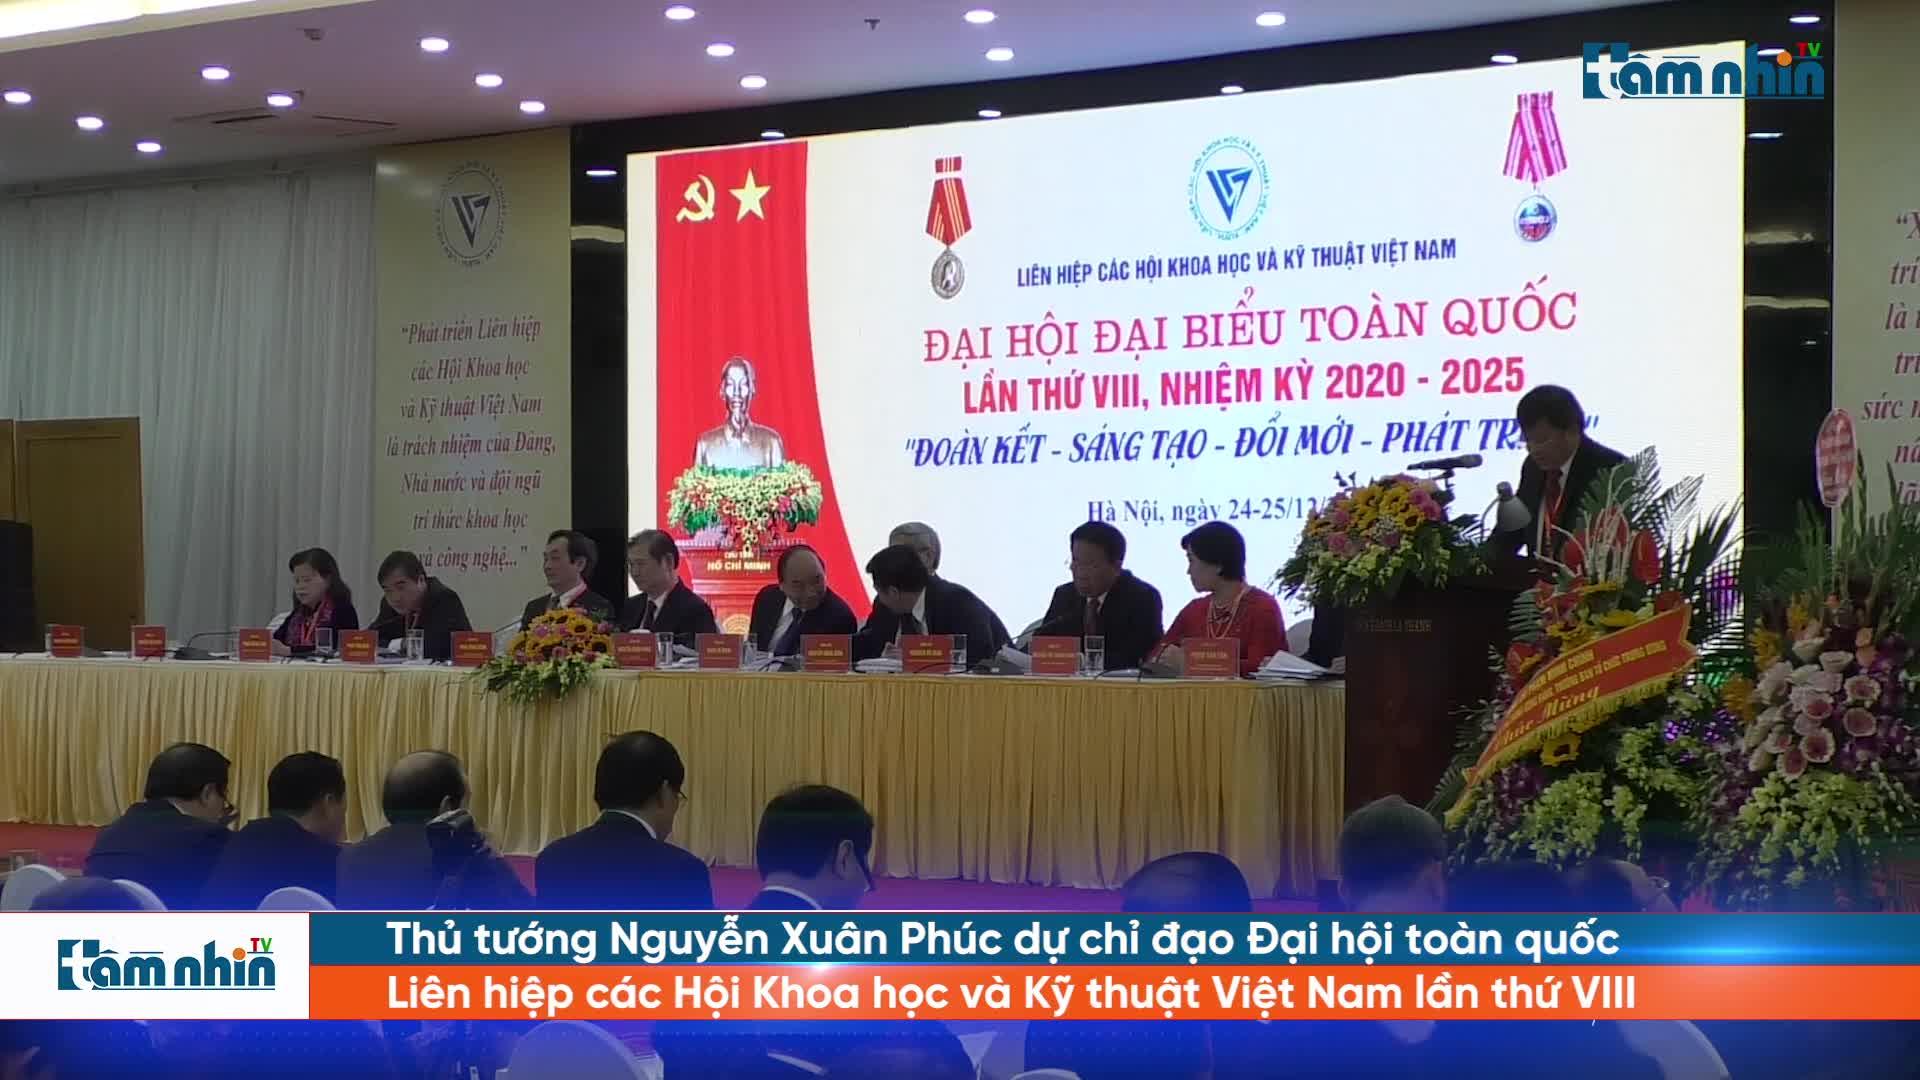 Thủ tướng Nguyễn Xuân Phúc dự chỉ đạo Đại hội toàn quốc Liên hiệp các Hội Khoa học và Kỹ thuật Việt Nam lần thứ VIII